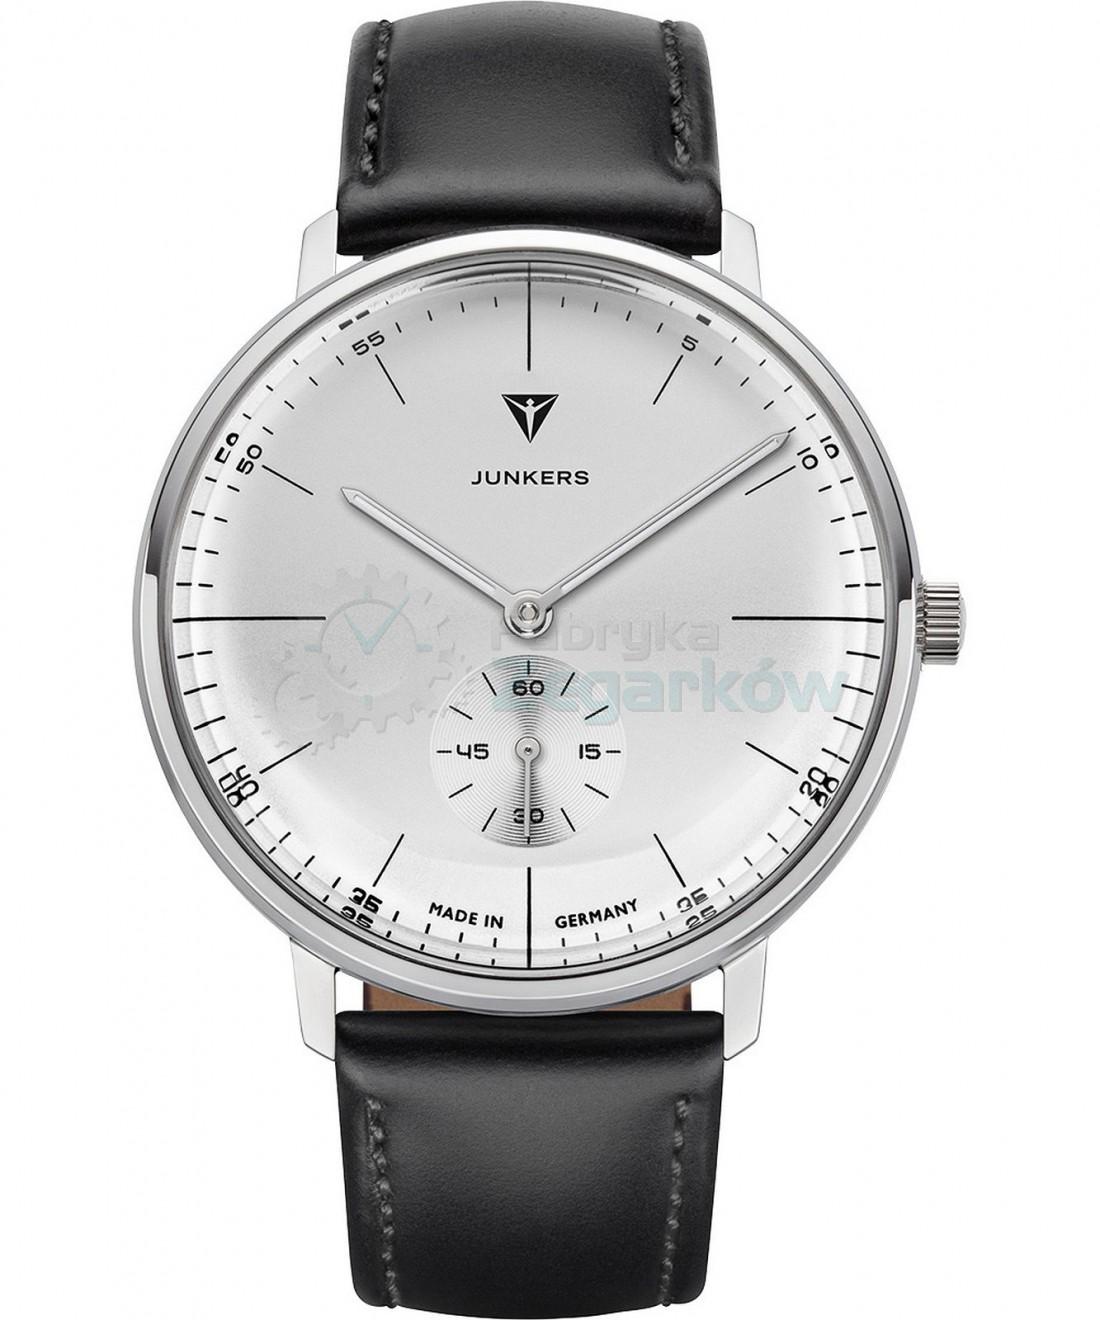 zegarek-meski-junkers-100-years-bauhaus-9-09-01-04